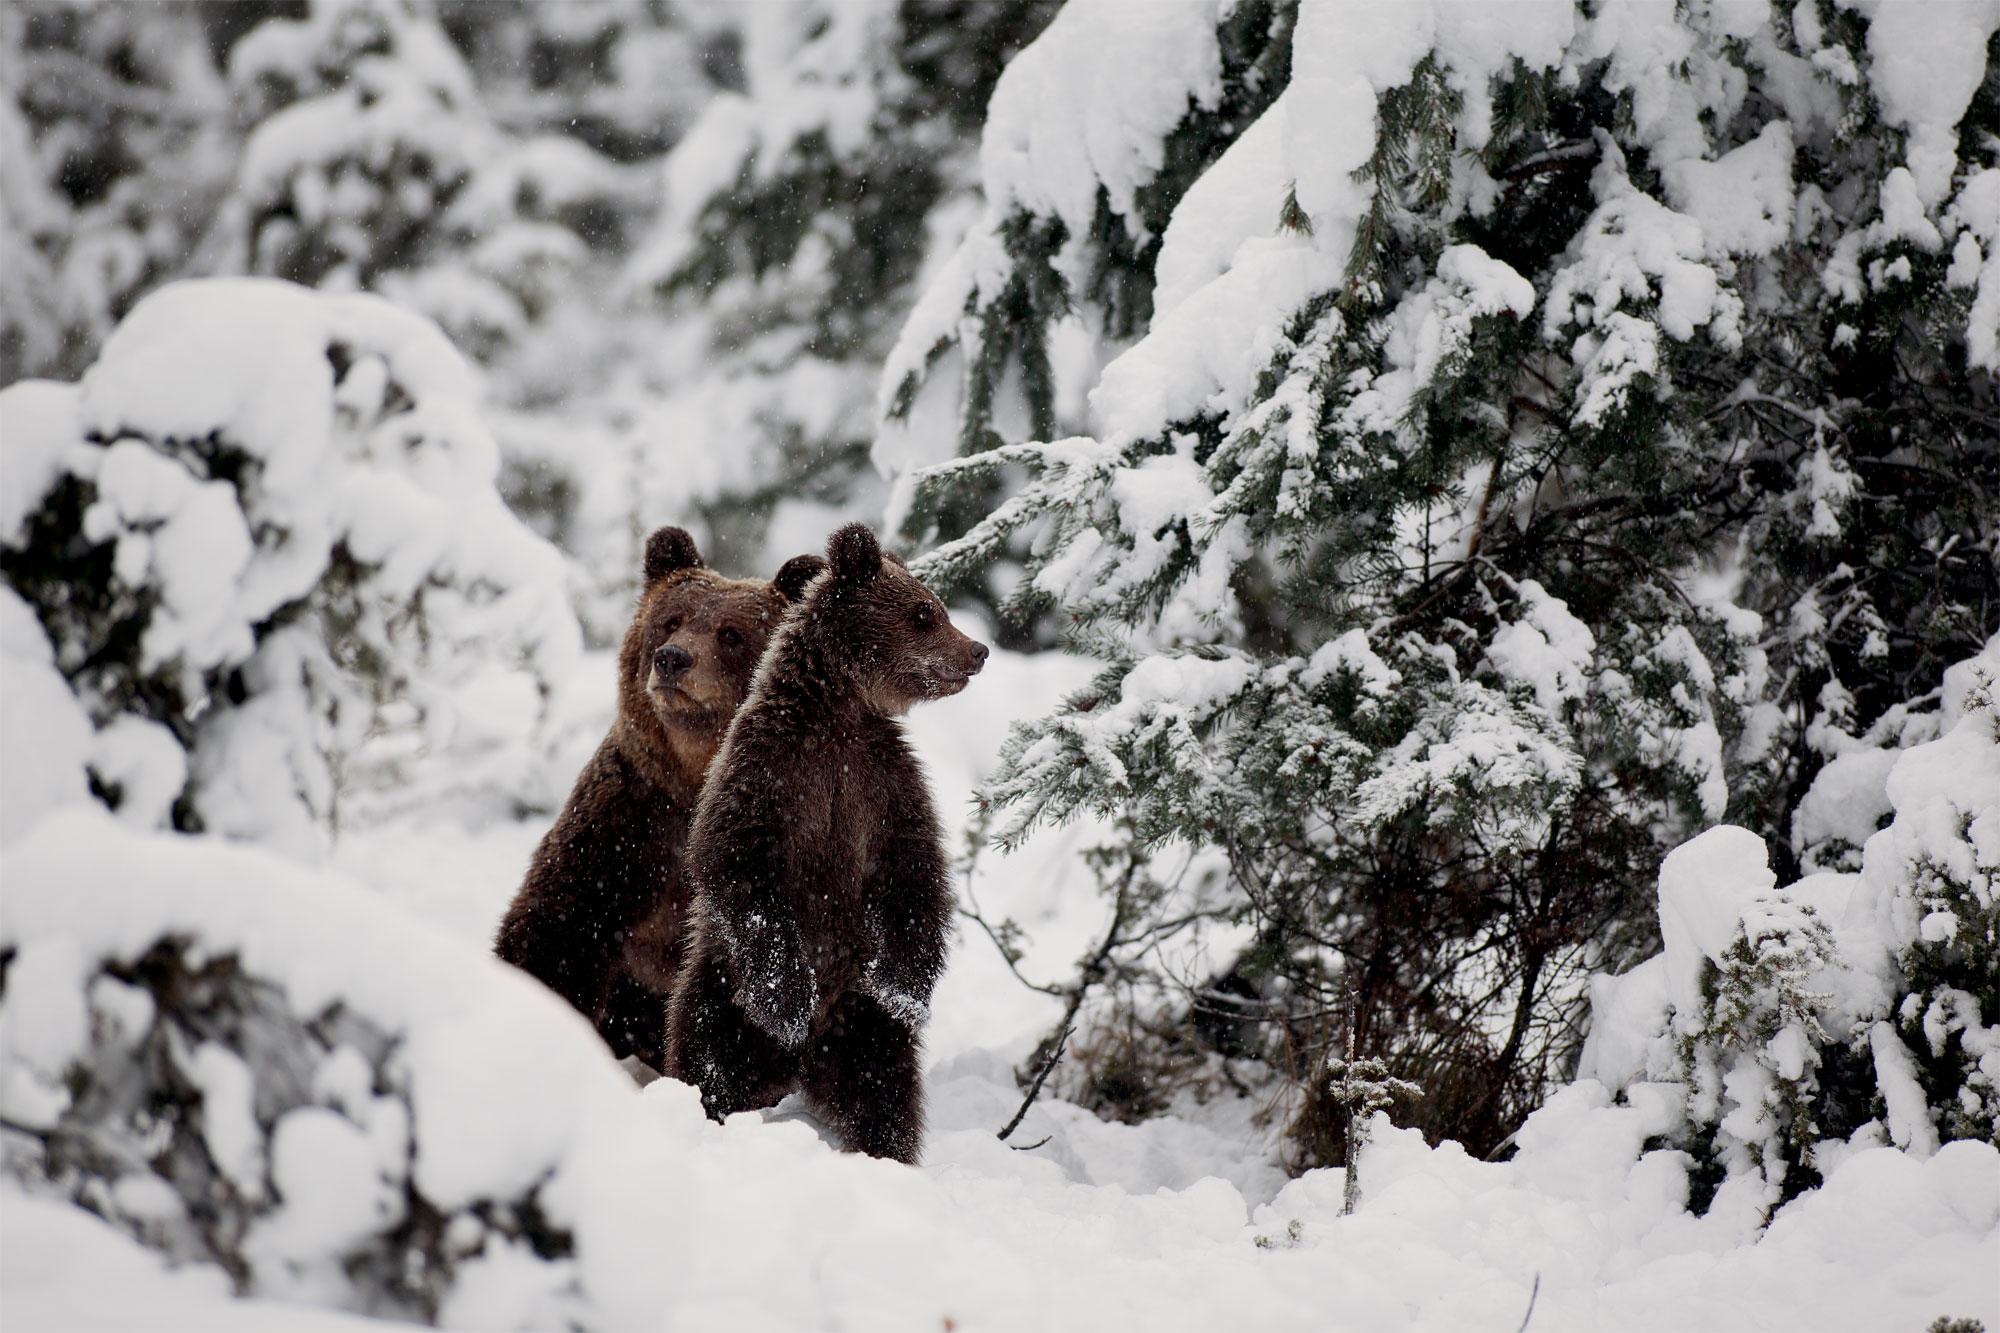 Jacques Ioset photographie l'ours sans le déranger